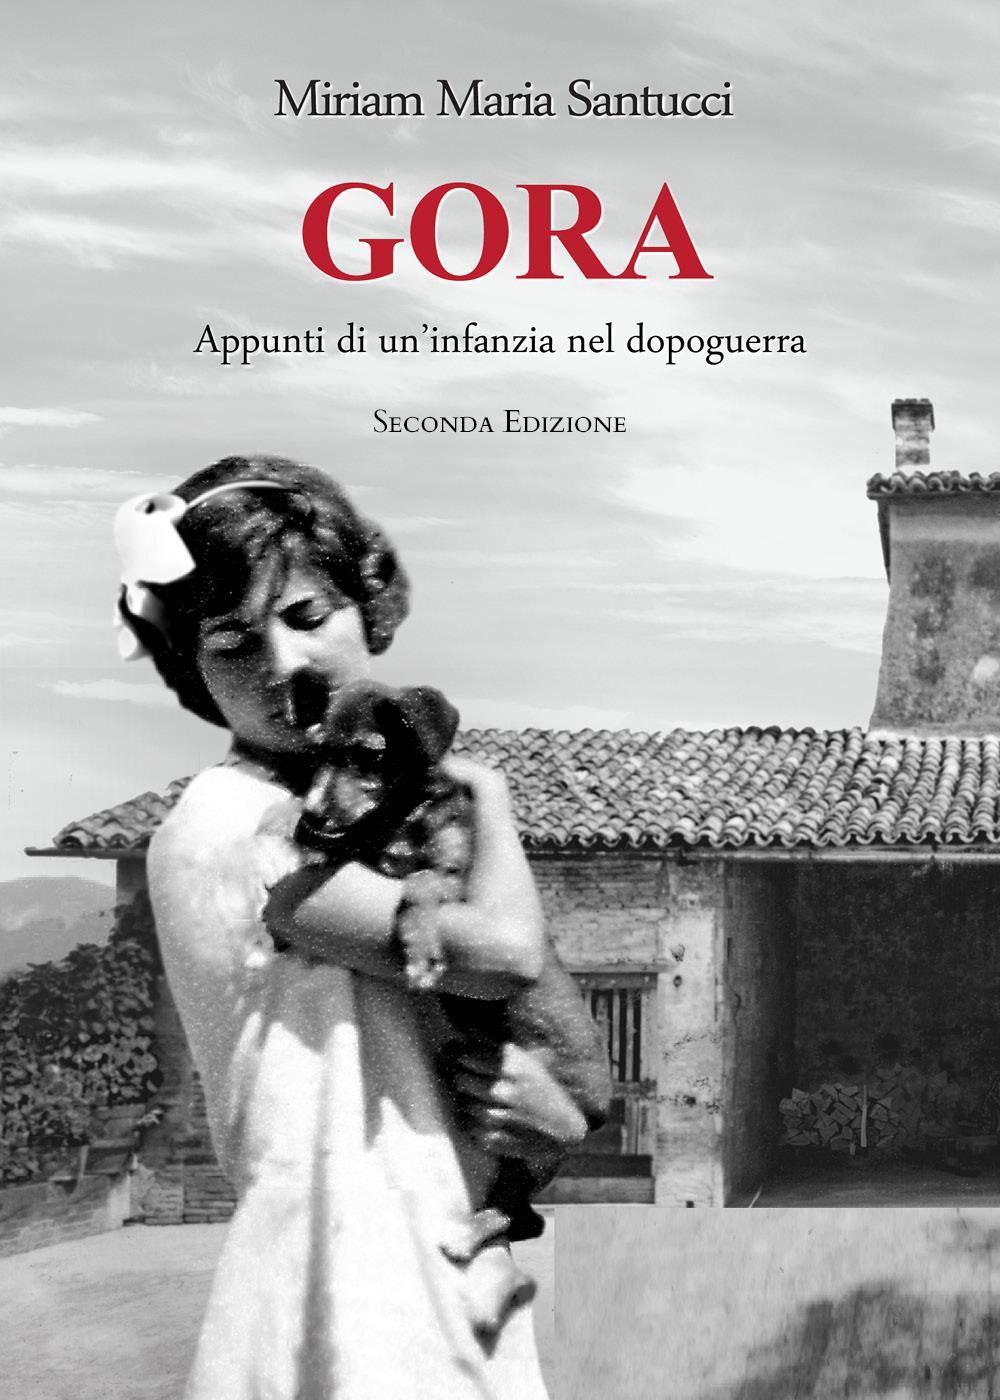 GORA - Appunti di un'infanzia nel dopoguerra